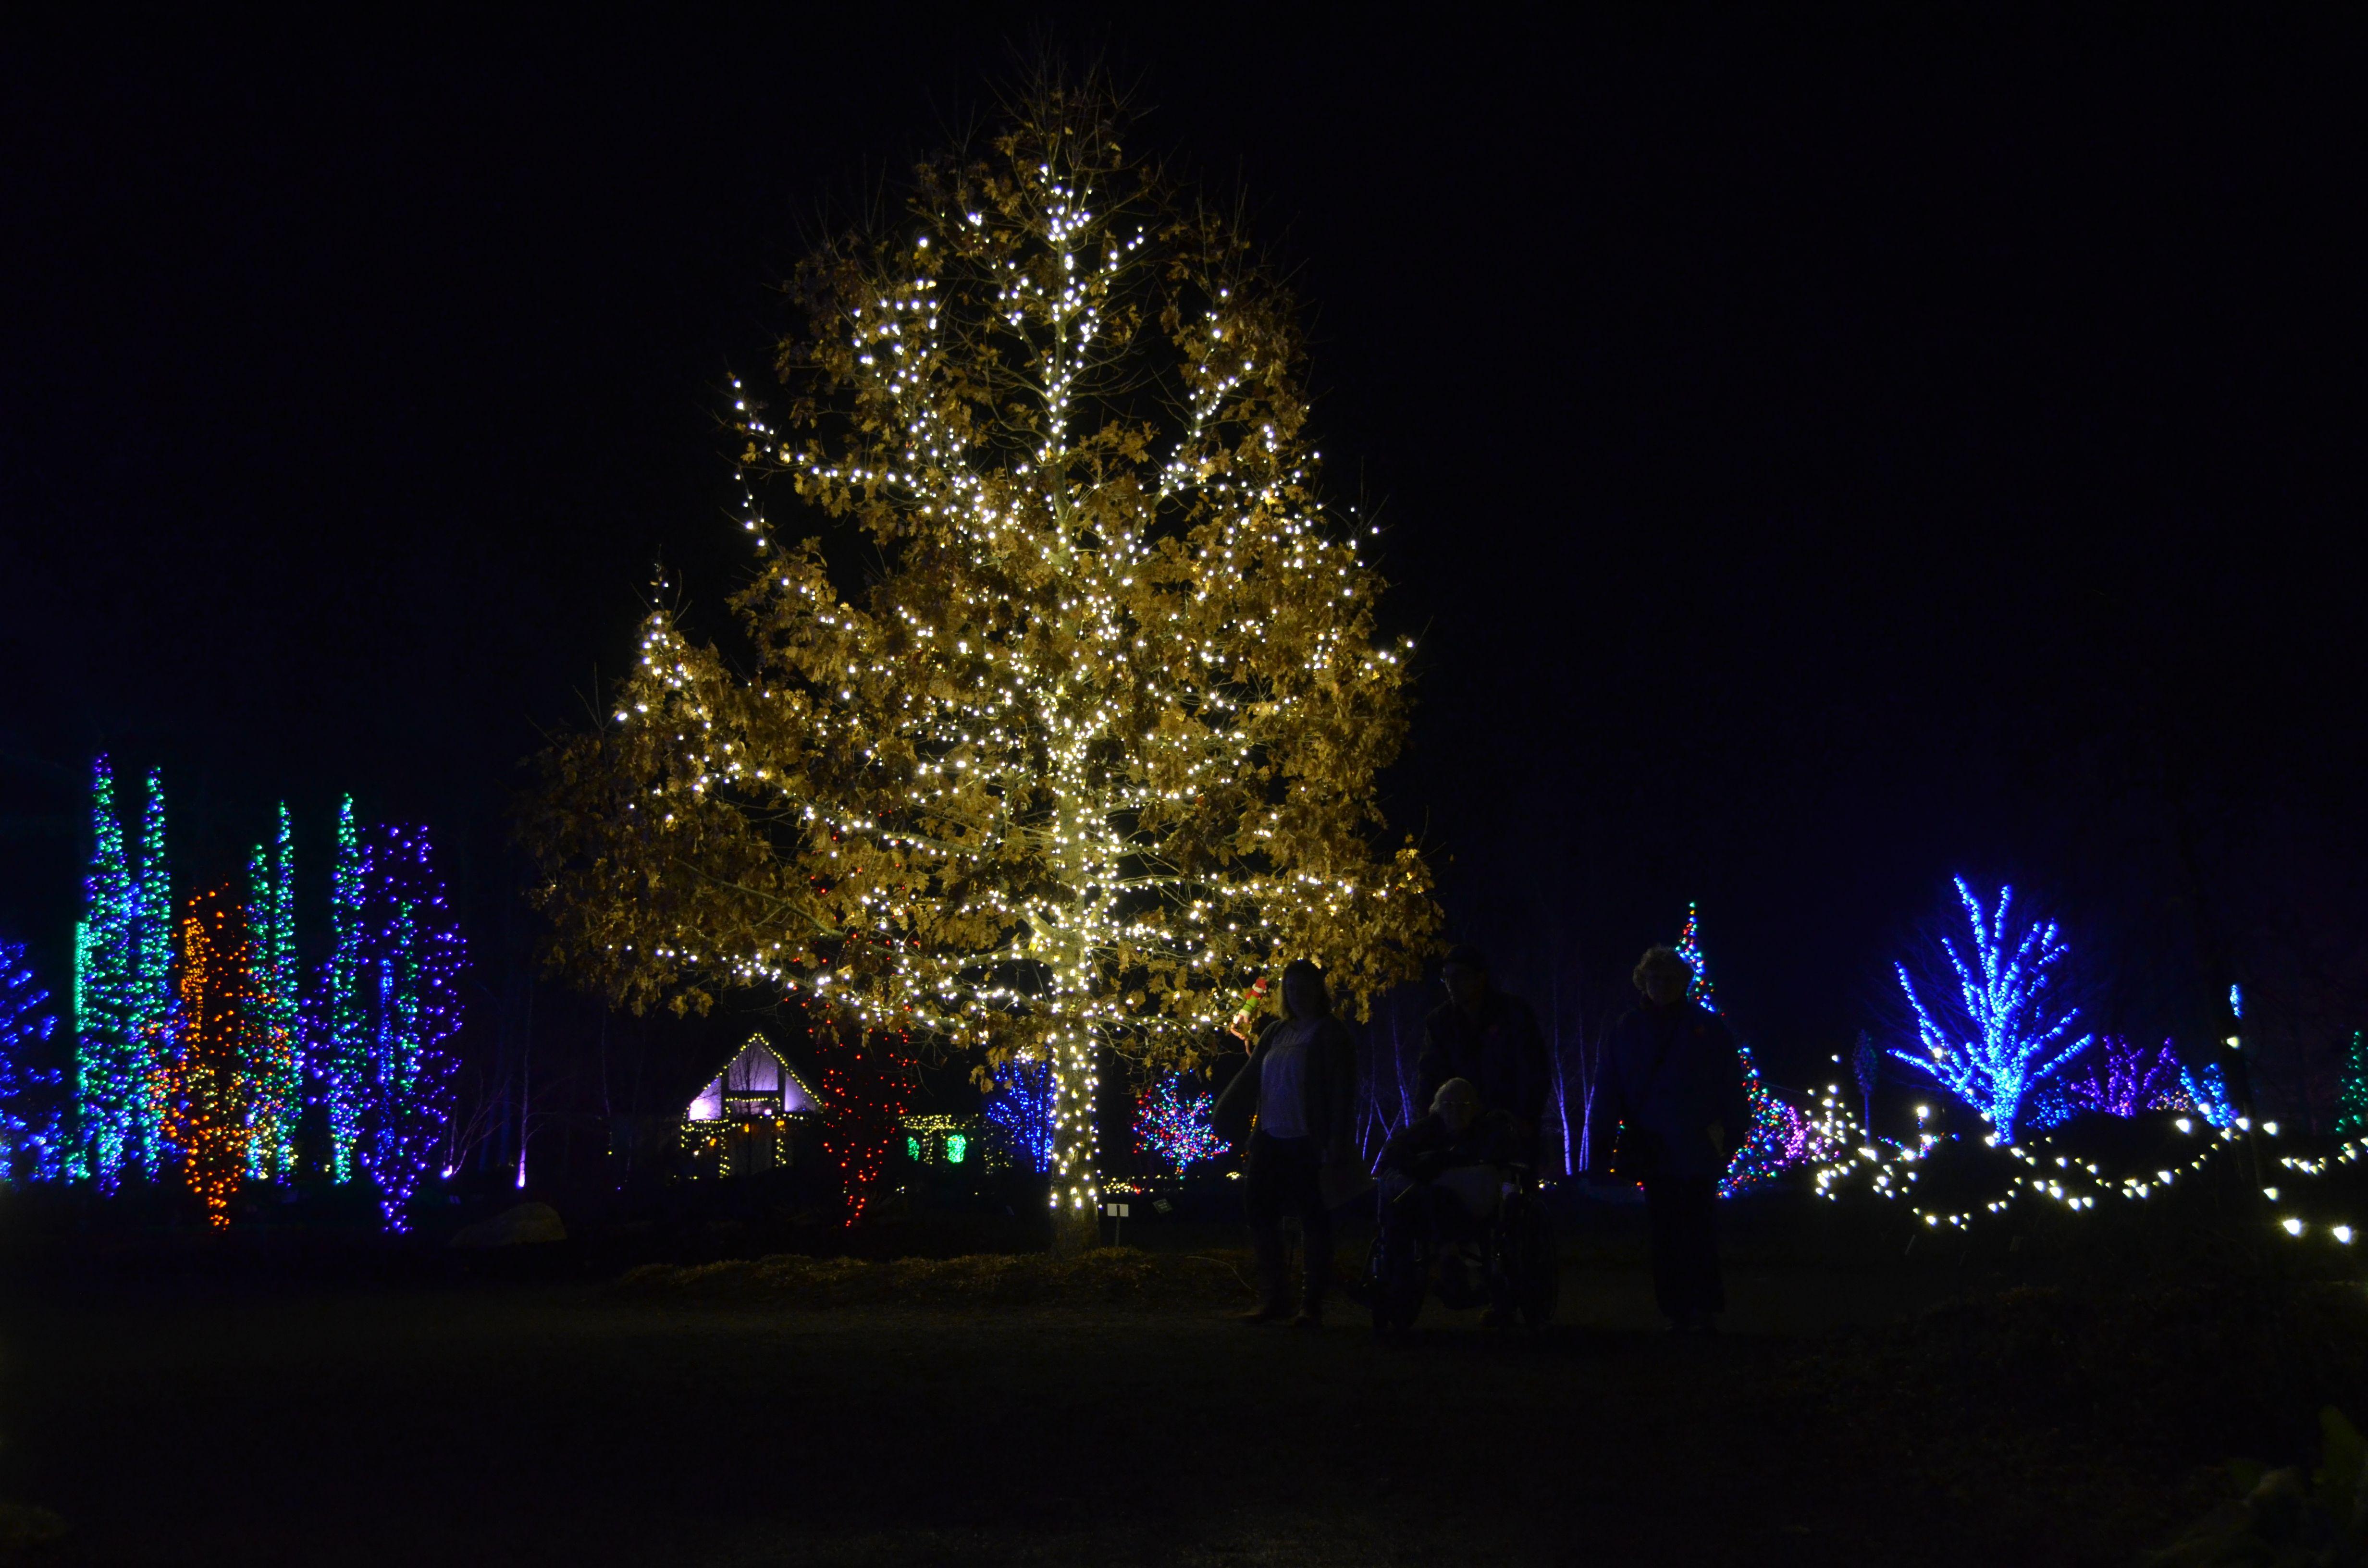 9 Botanical Gardens That Are More Beautiful at Night - Botanical Gardens